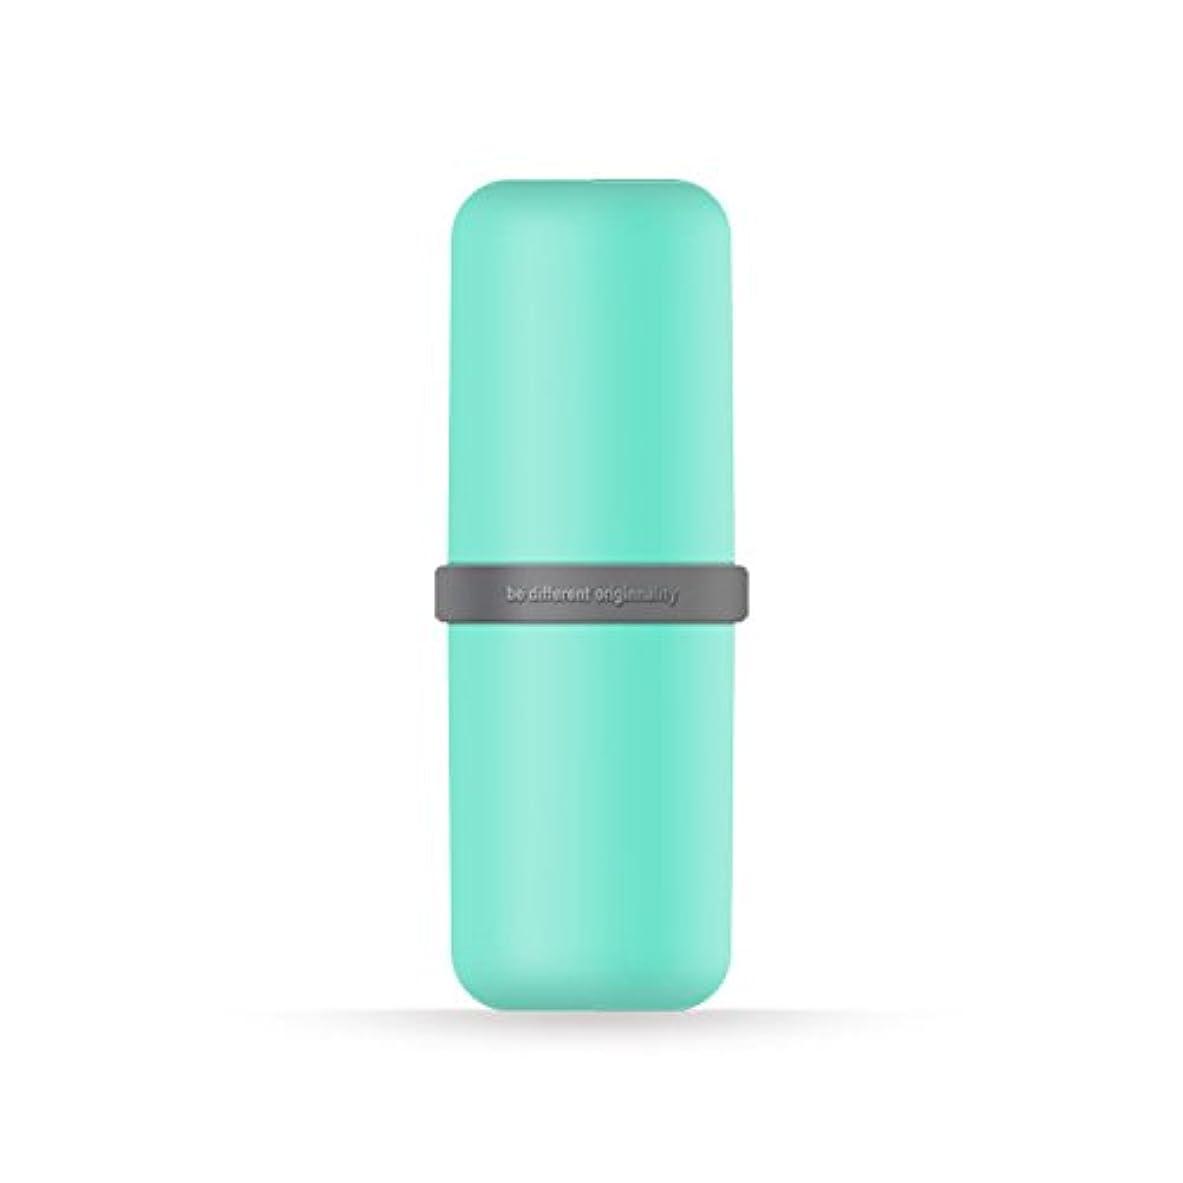 祈るスカリーアーサーポータブル歯ブラシWashカップ歯磨き粉ボックス便利旅行歯ブラシ歯磨き粉オーガナイザー 6*20cm グリーン